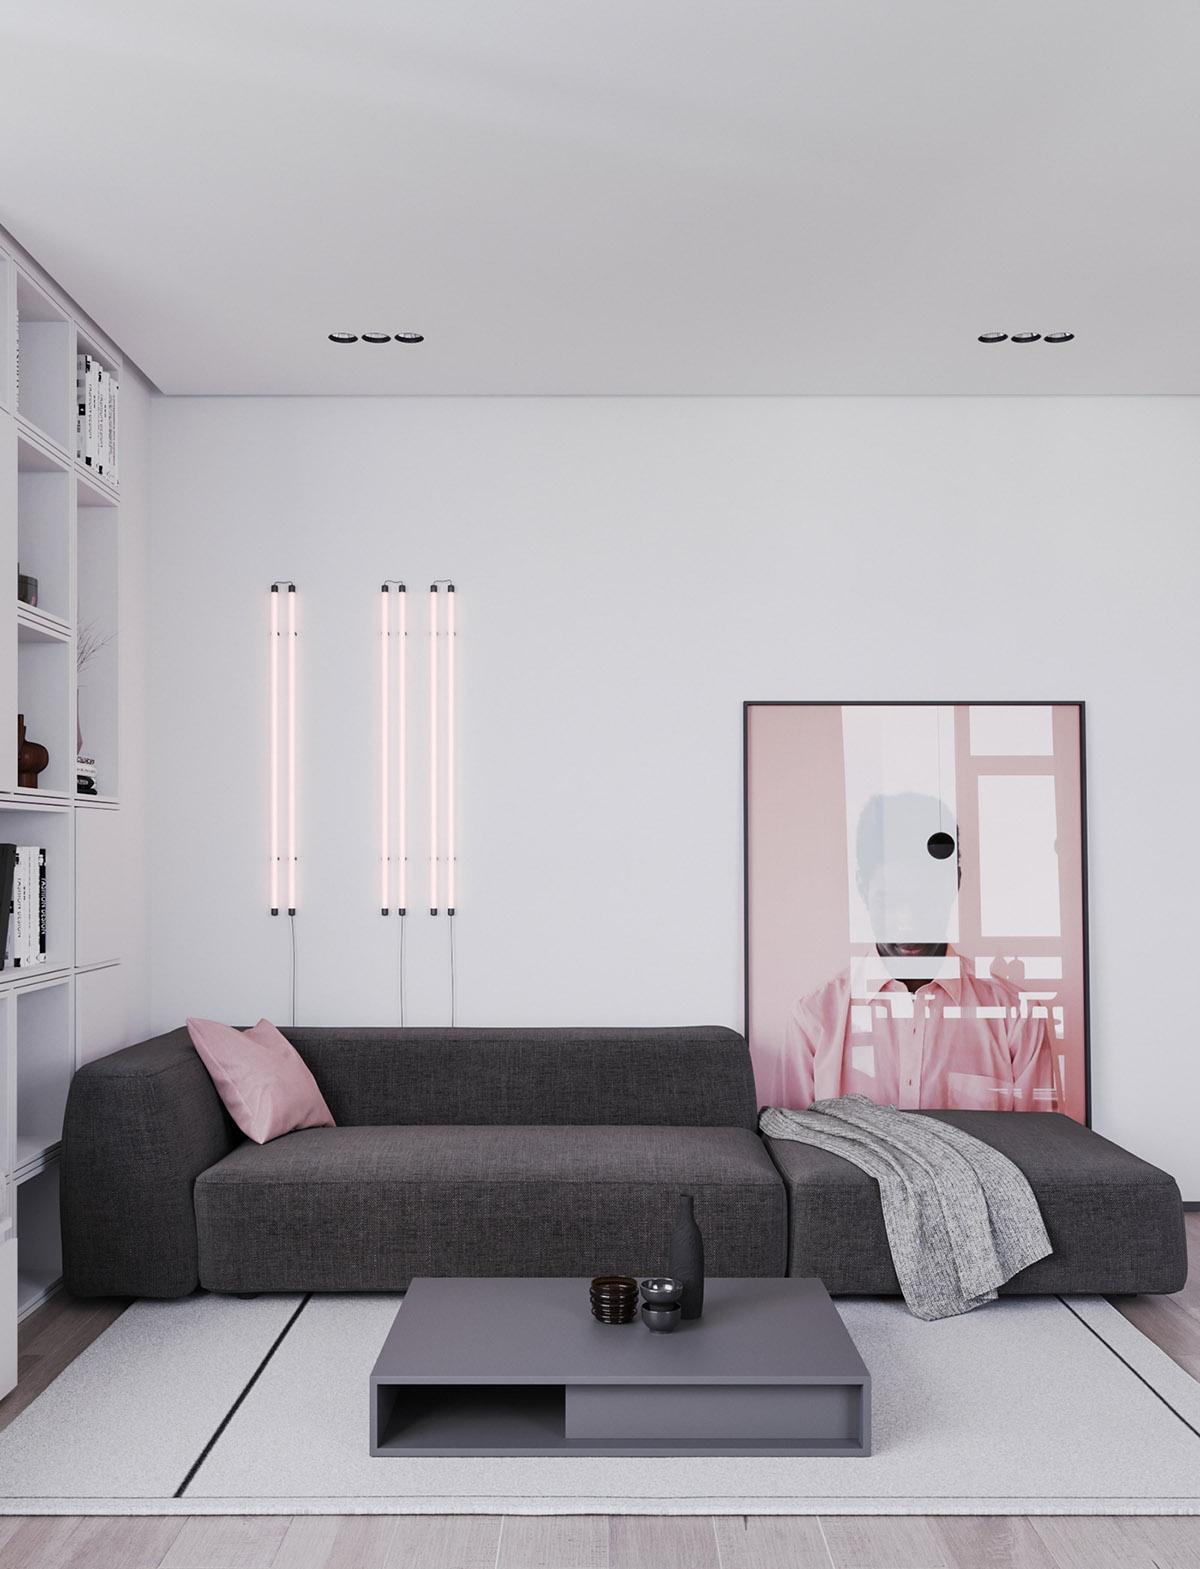 Một số thiết kế nội thất sử dụng màu hồng và xám - low modern coffee tables